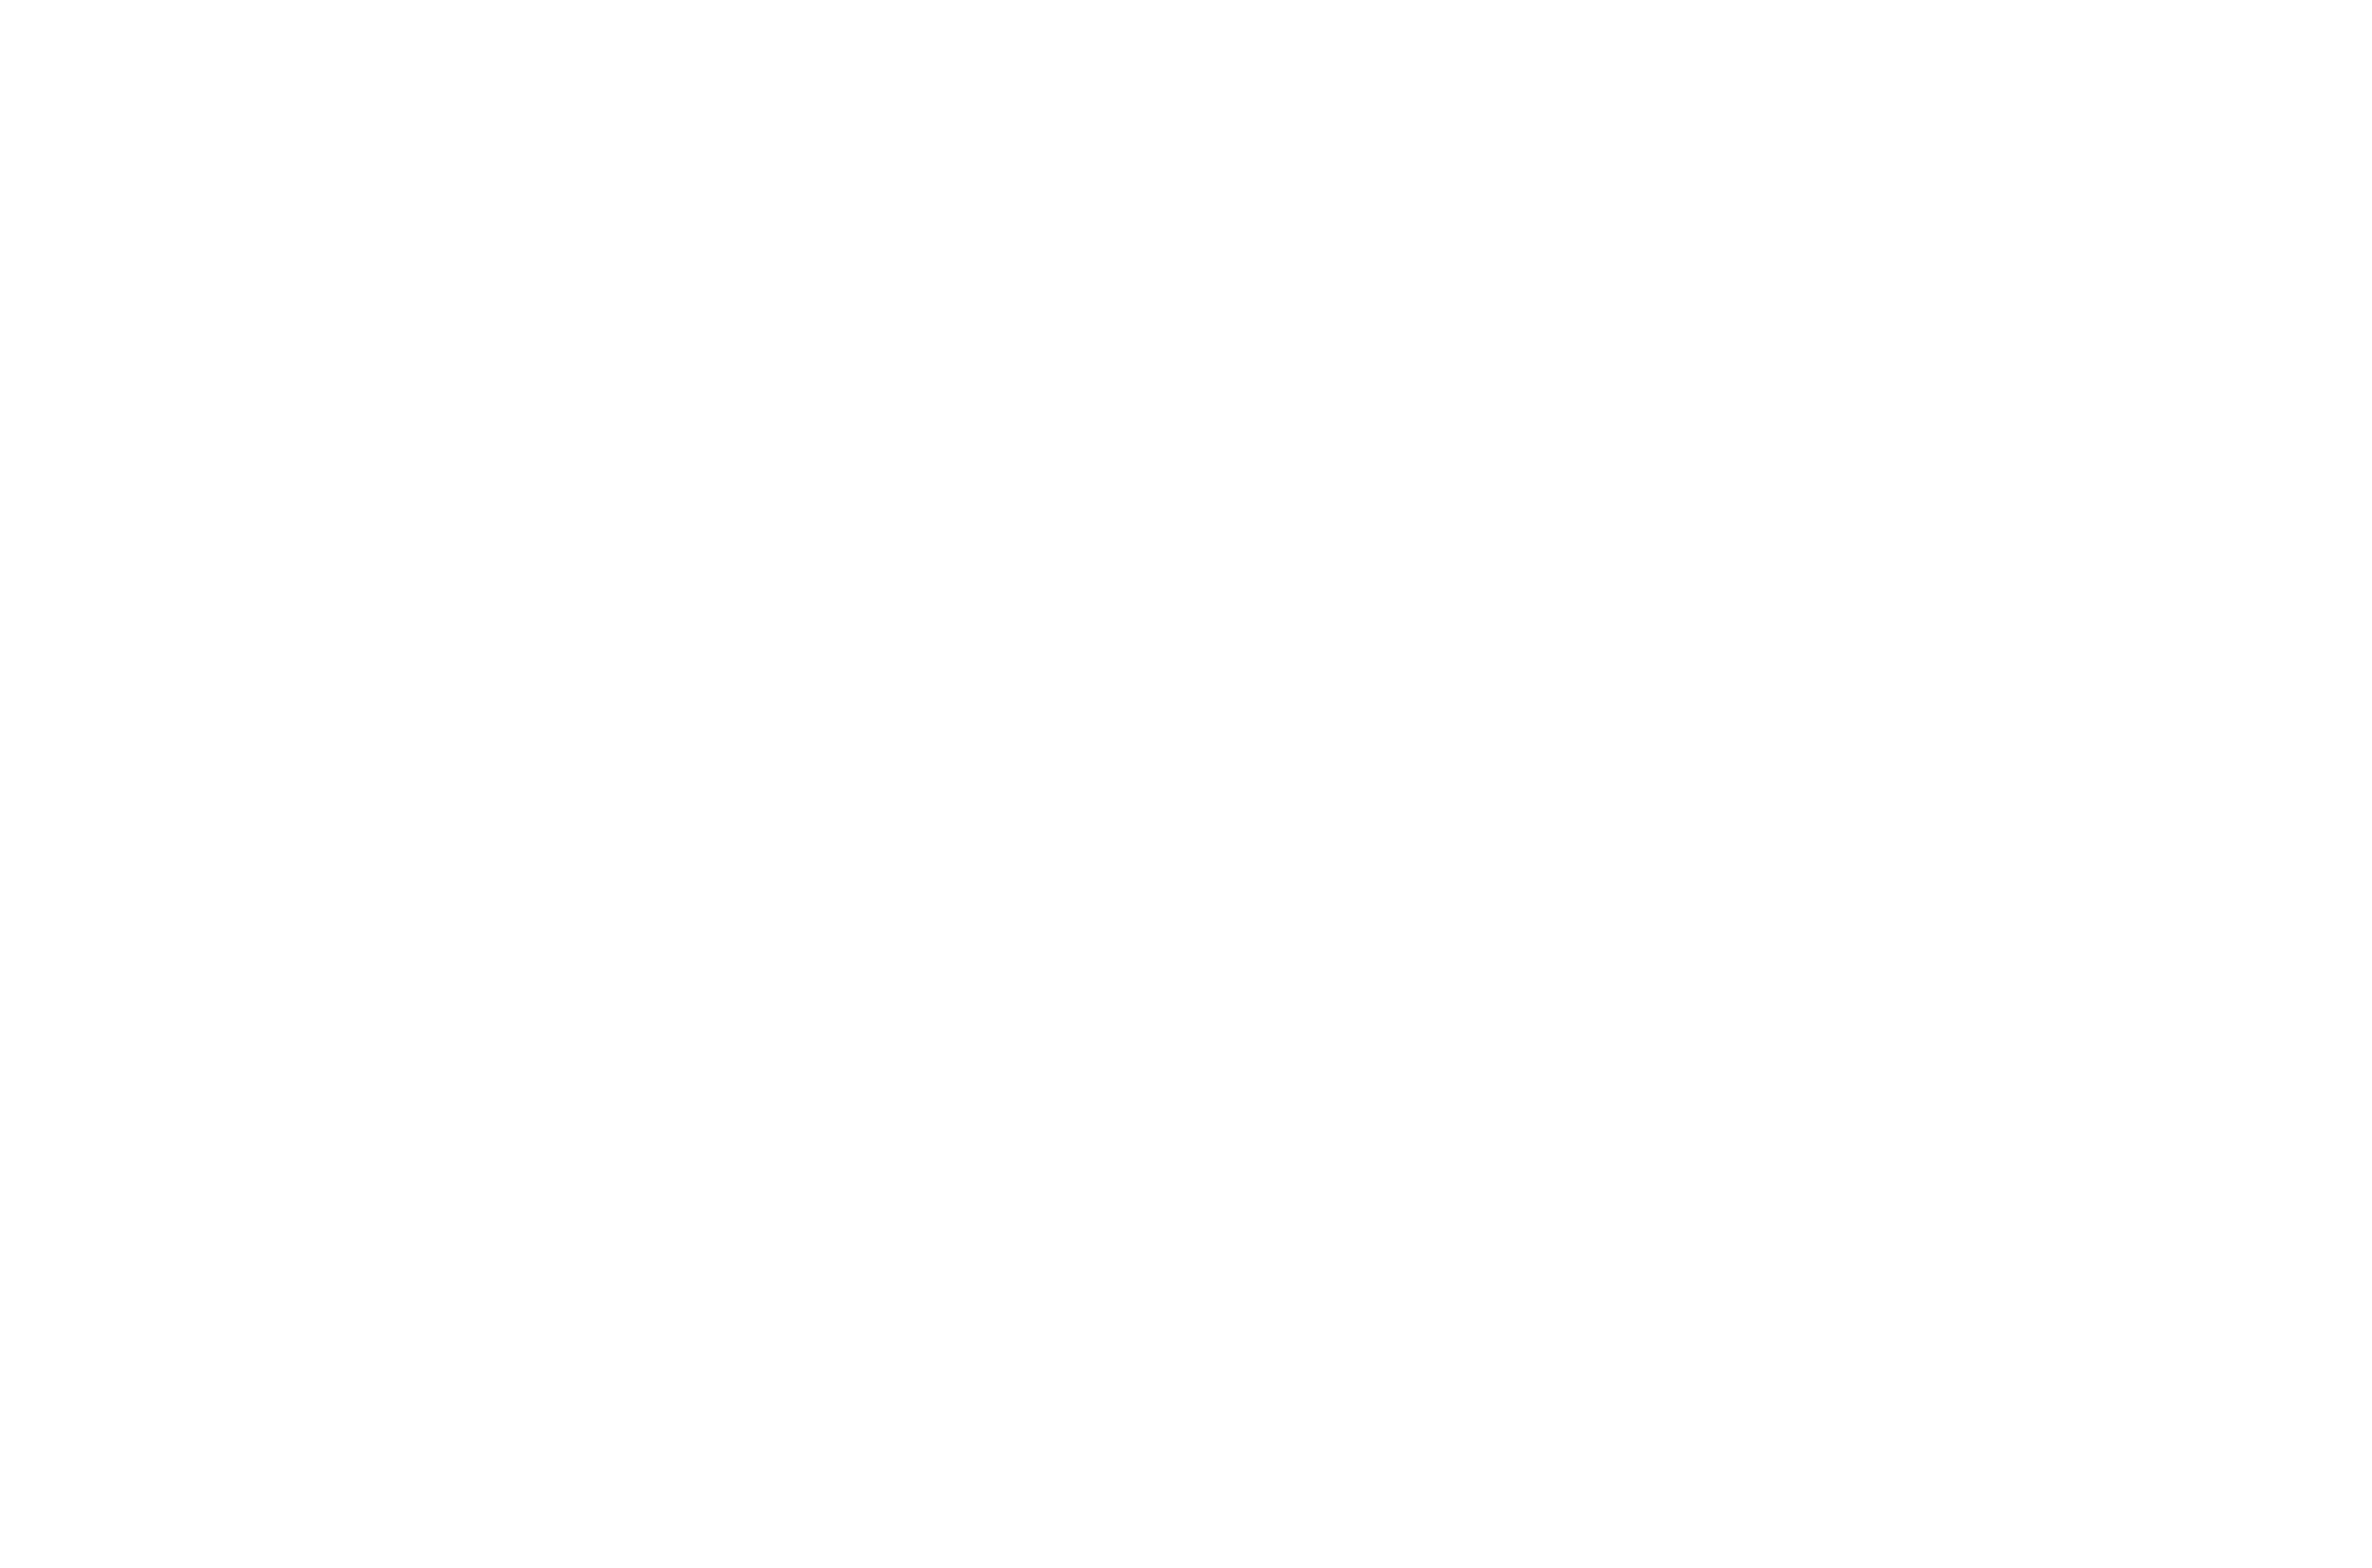 b664ac90ef9f84e86aefb4ce5484c1c5.png